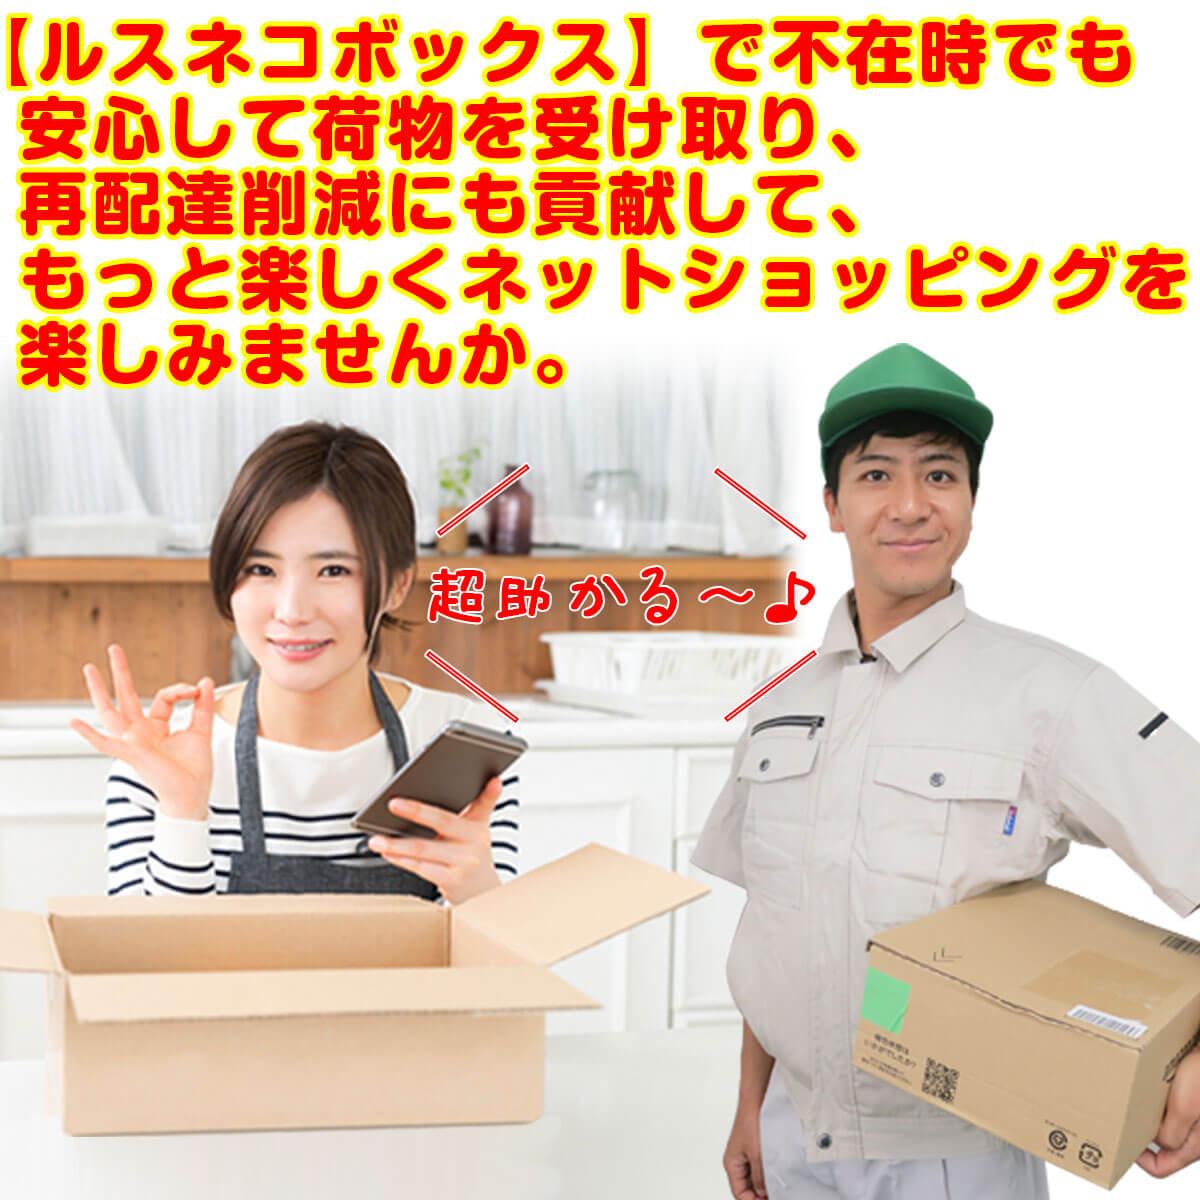 受け取り人も宅配業者も喜ぶ宅配ボックス